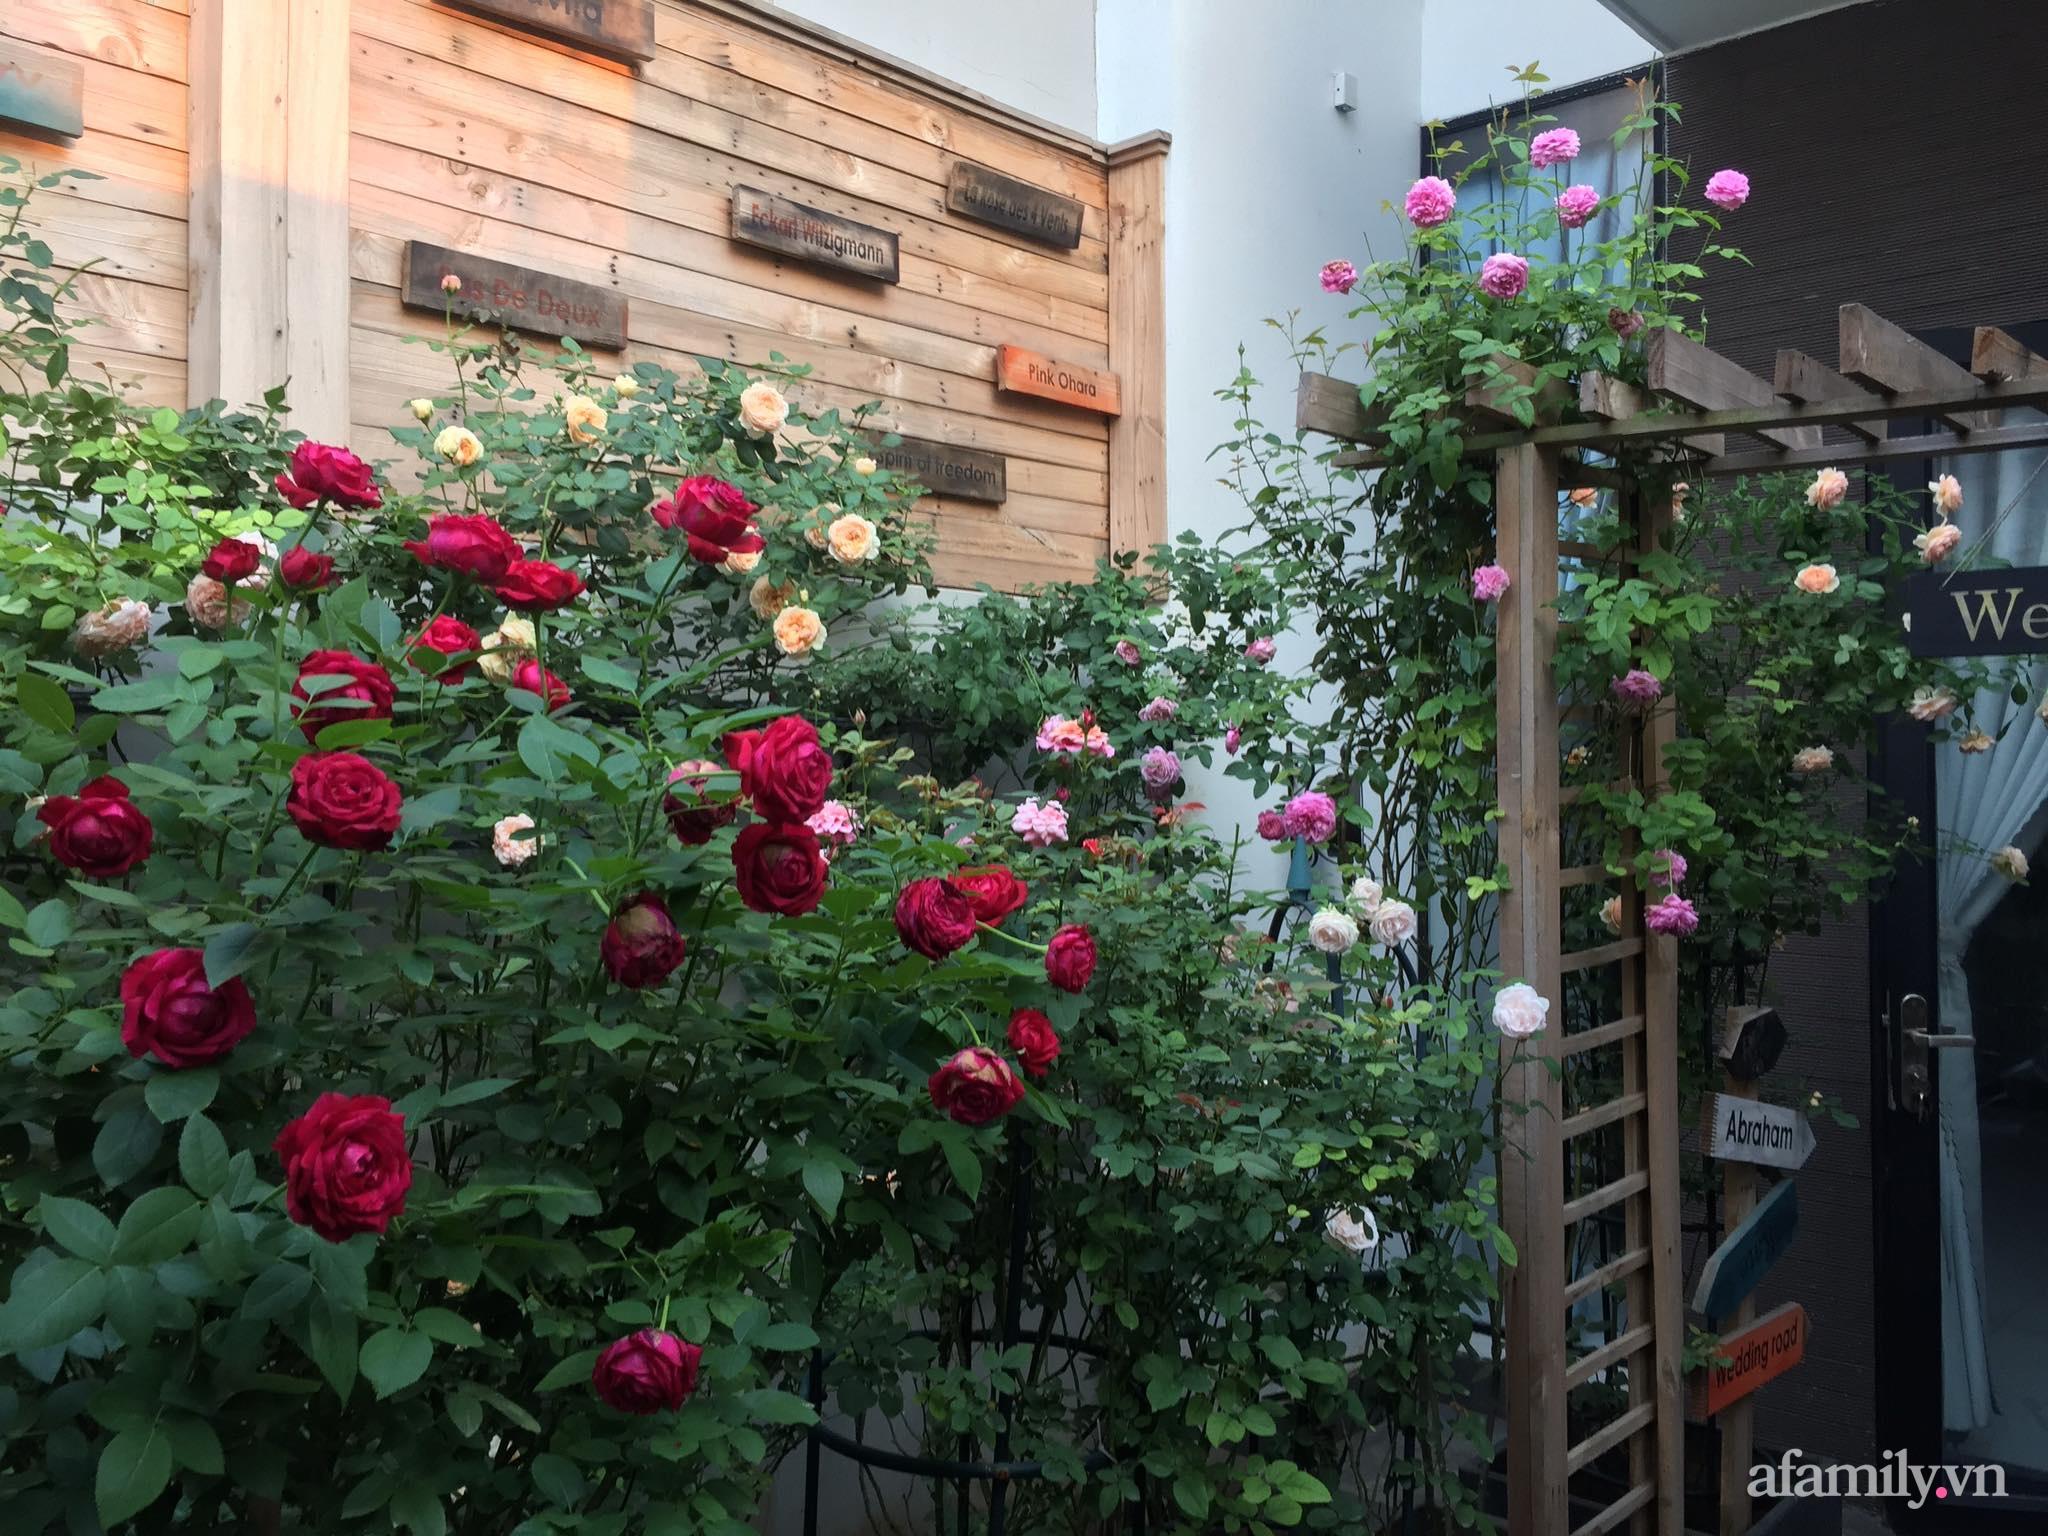 Vườn hồng rực rỡ tỏa sắc hương trước sân nhà đón hè sang của cặp vợ chồng trẻ Sải Gòn - Ảnh 5.